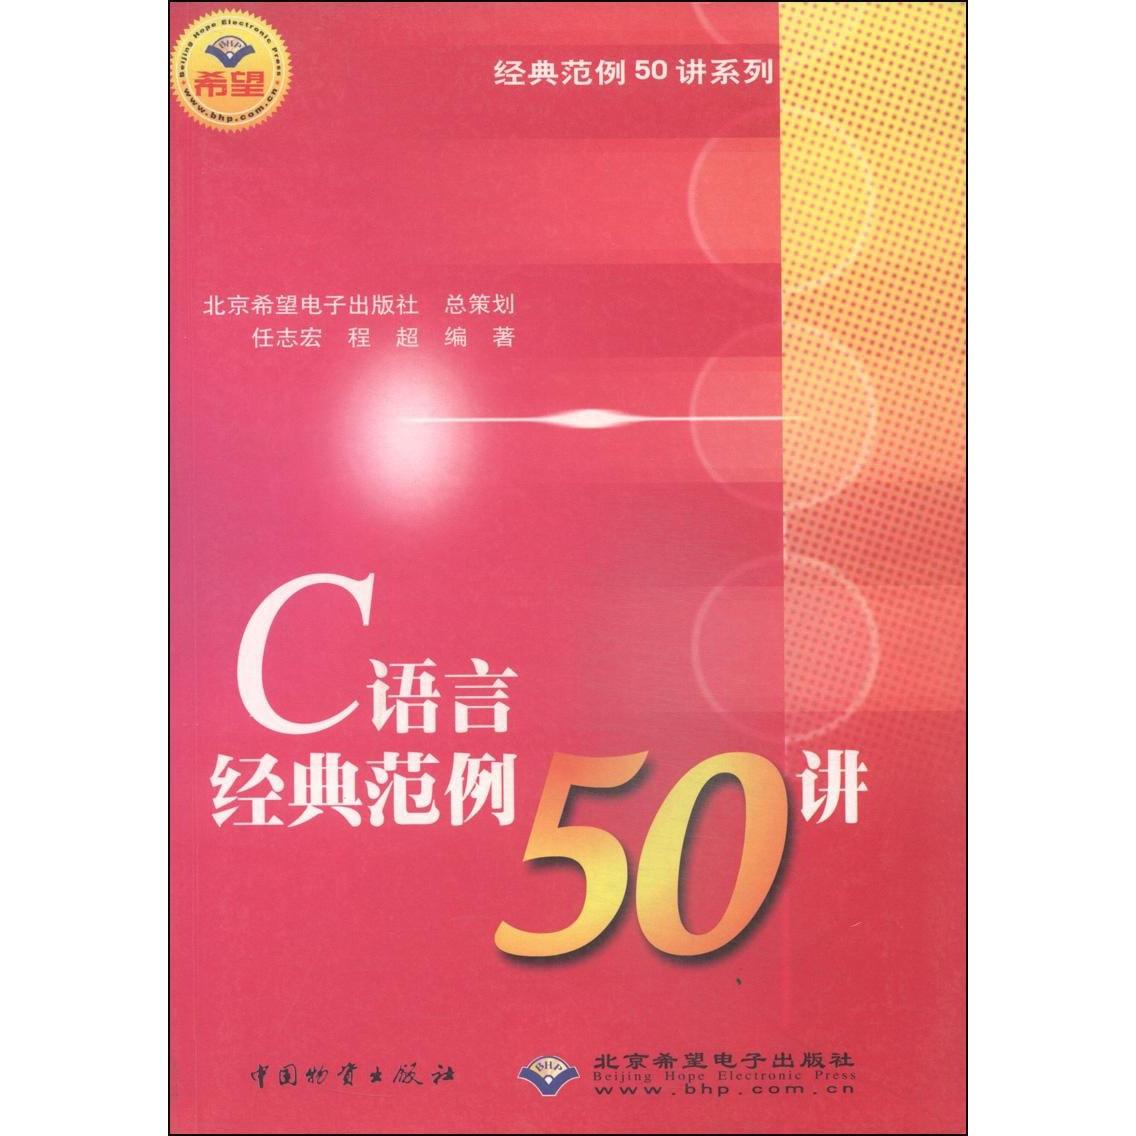 经典范例50讲系列:C语言经典范例50讲 怎么样 - 亚米网